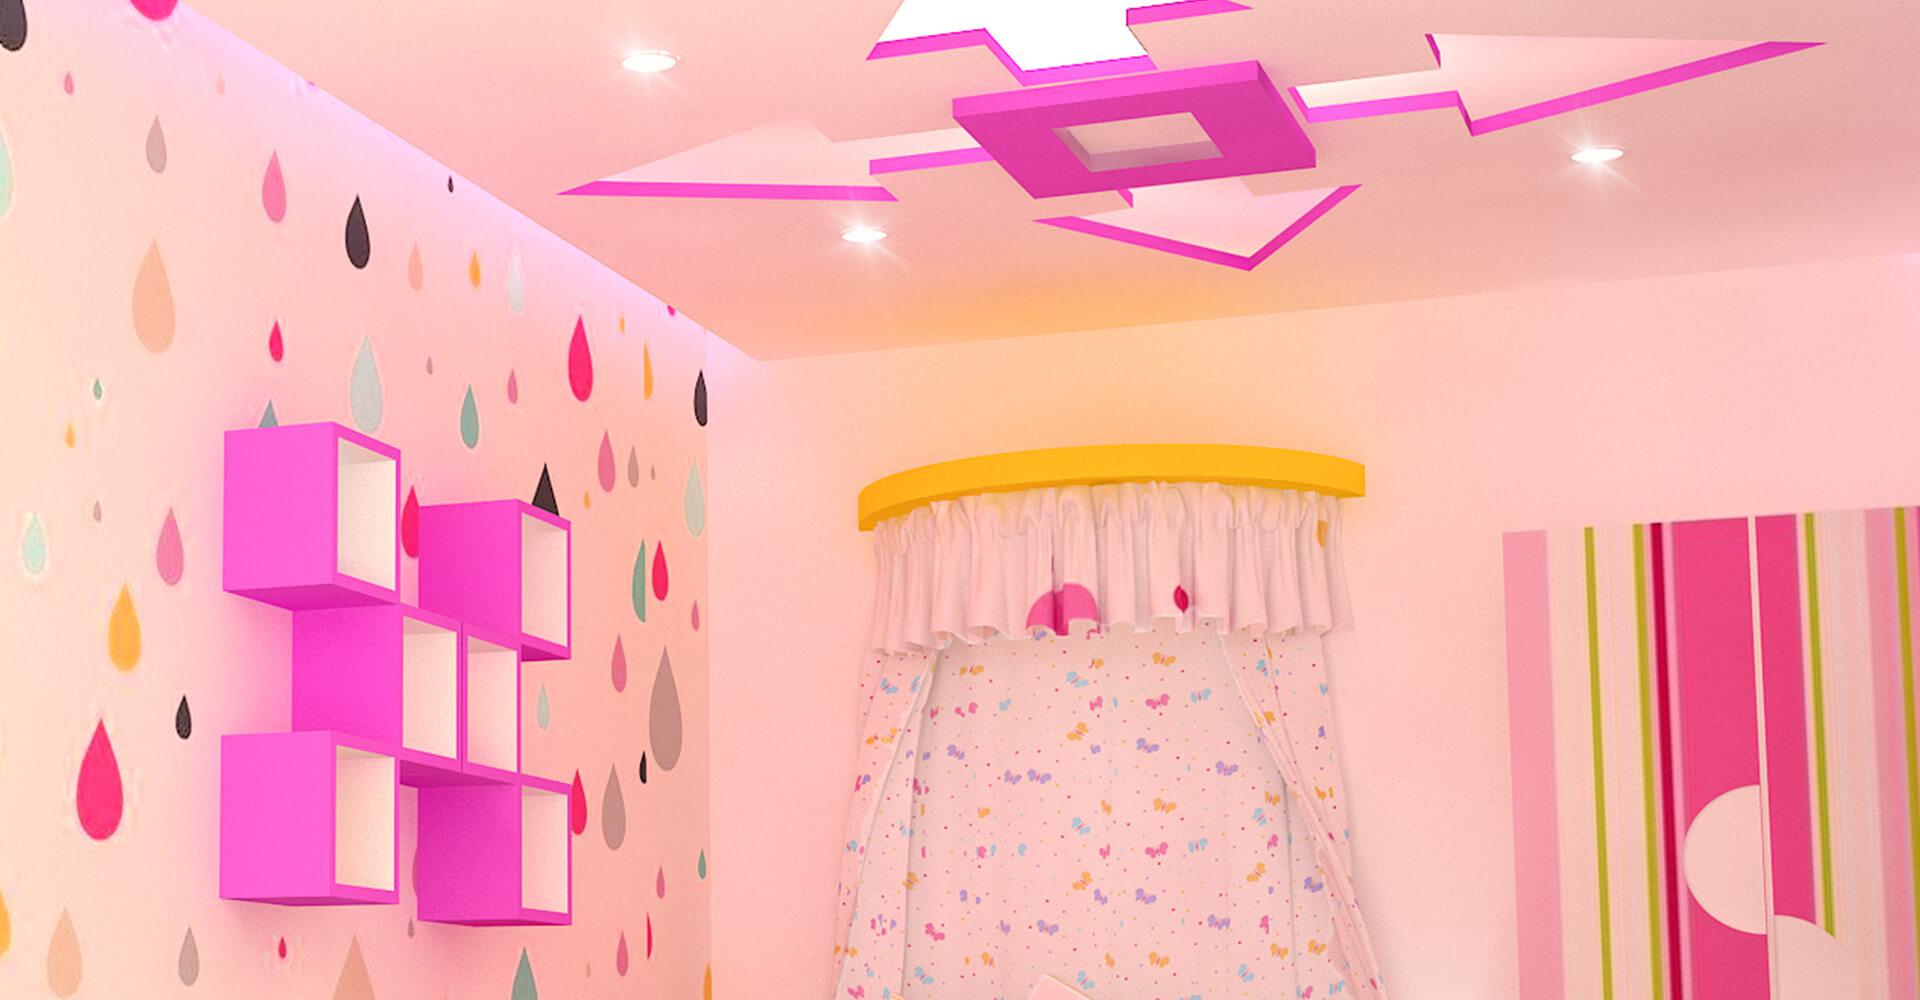 trần thạch cao đẹp dành cho phòng trẻ em